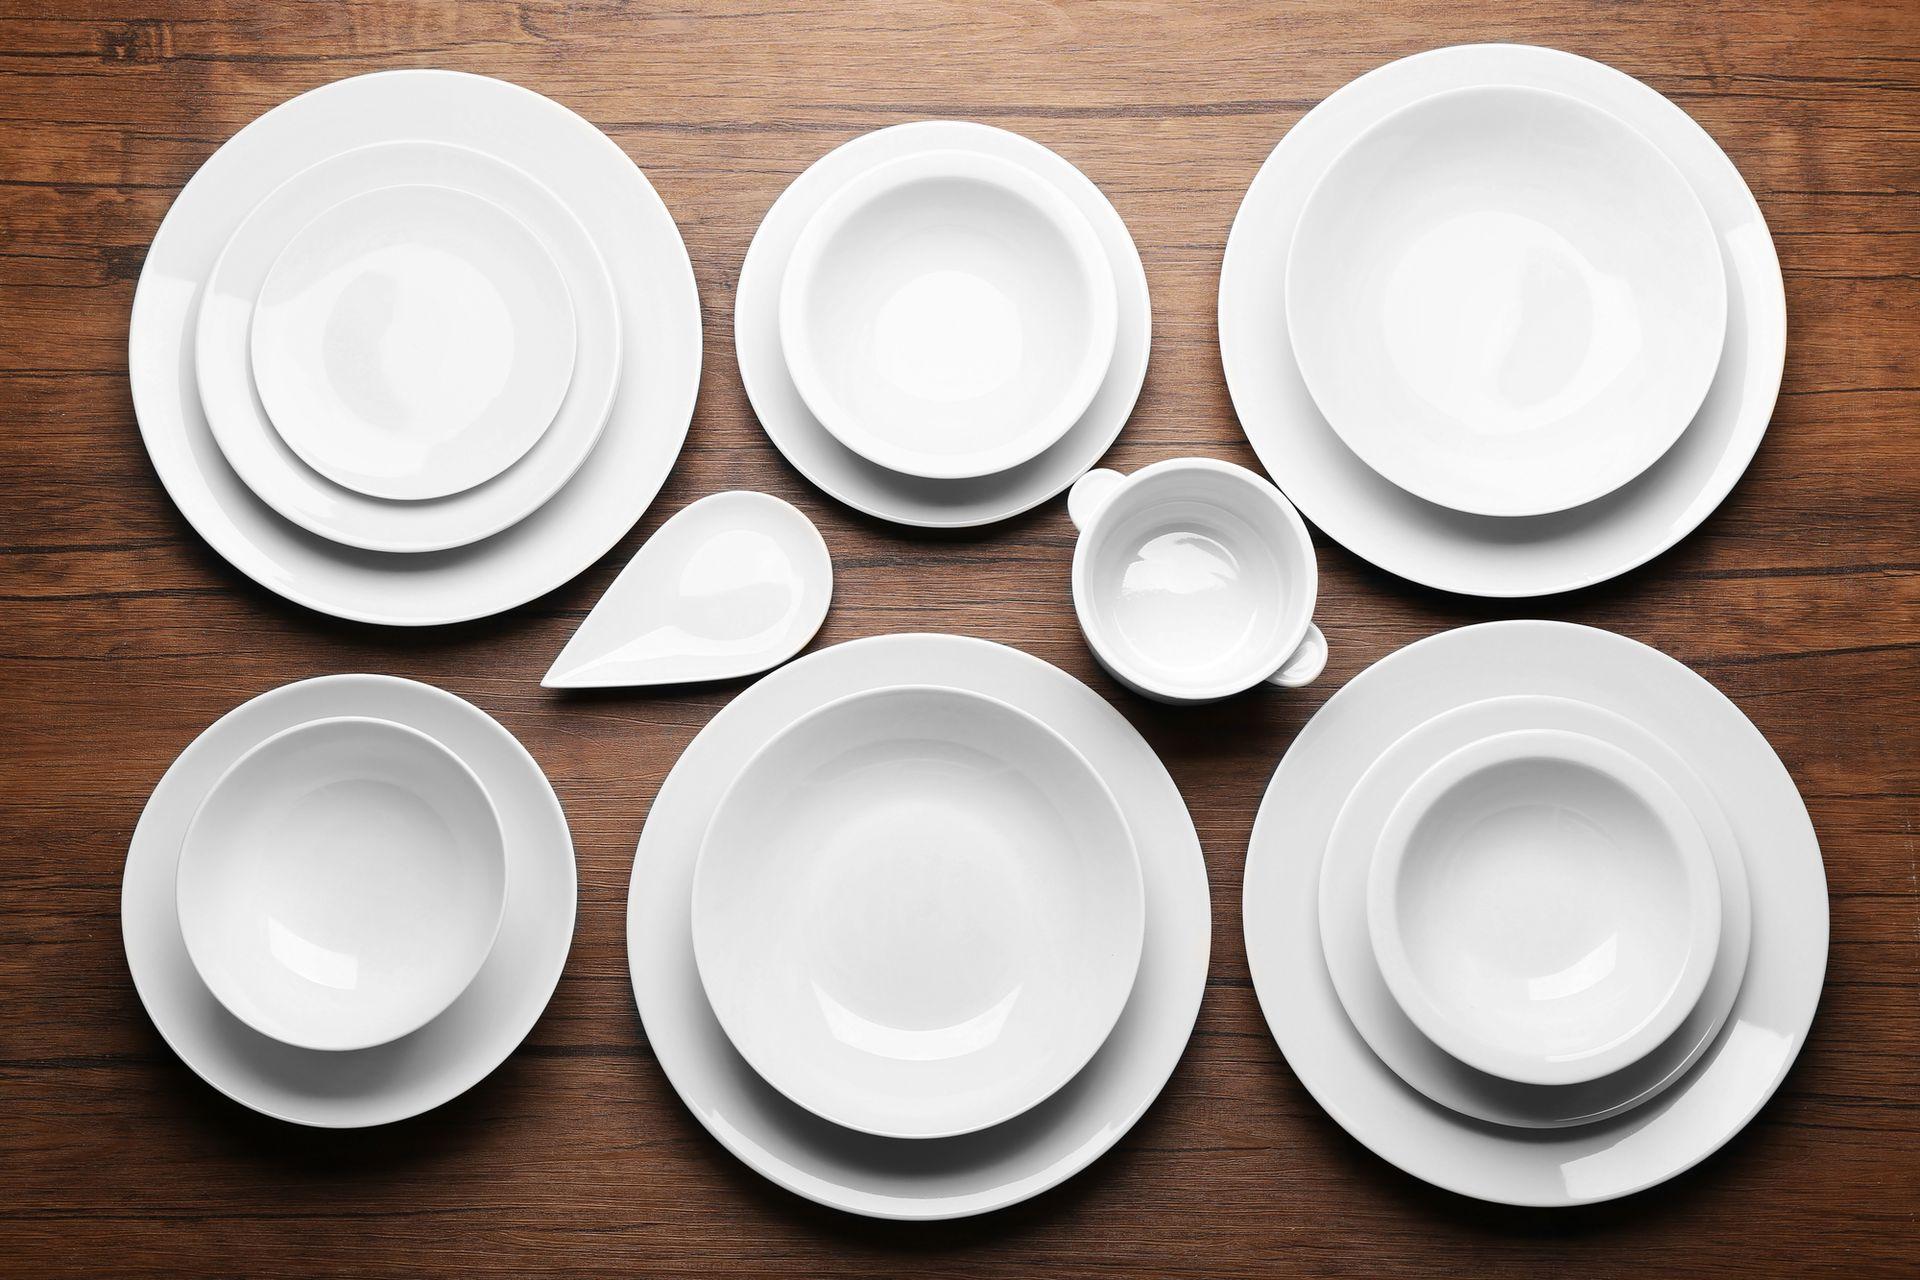 Виды тарелок доя сервировки